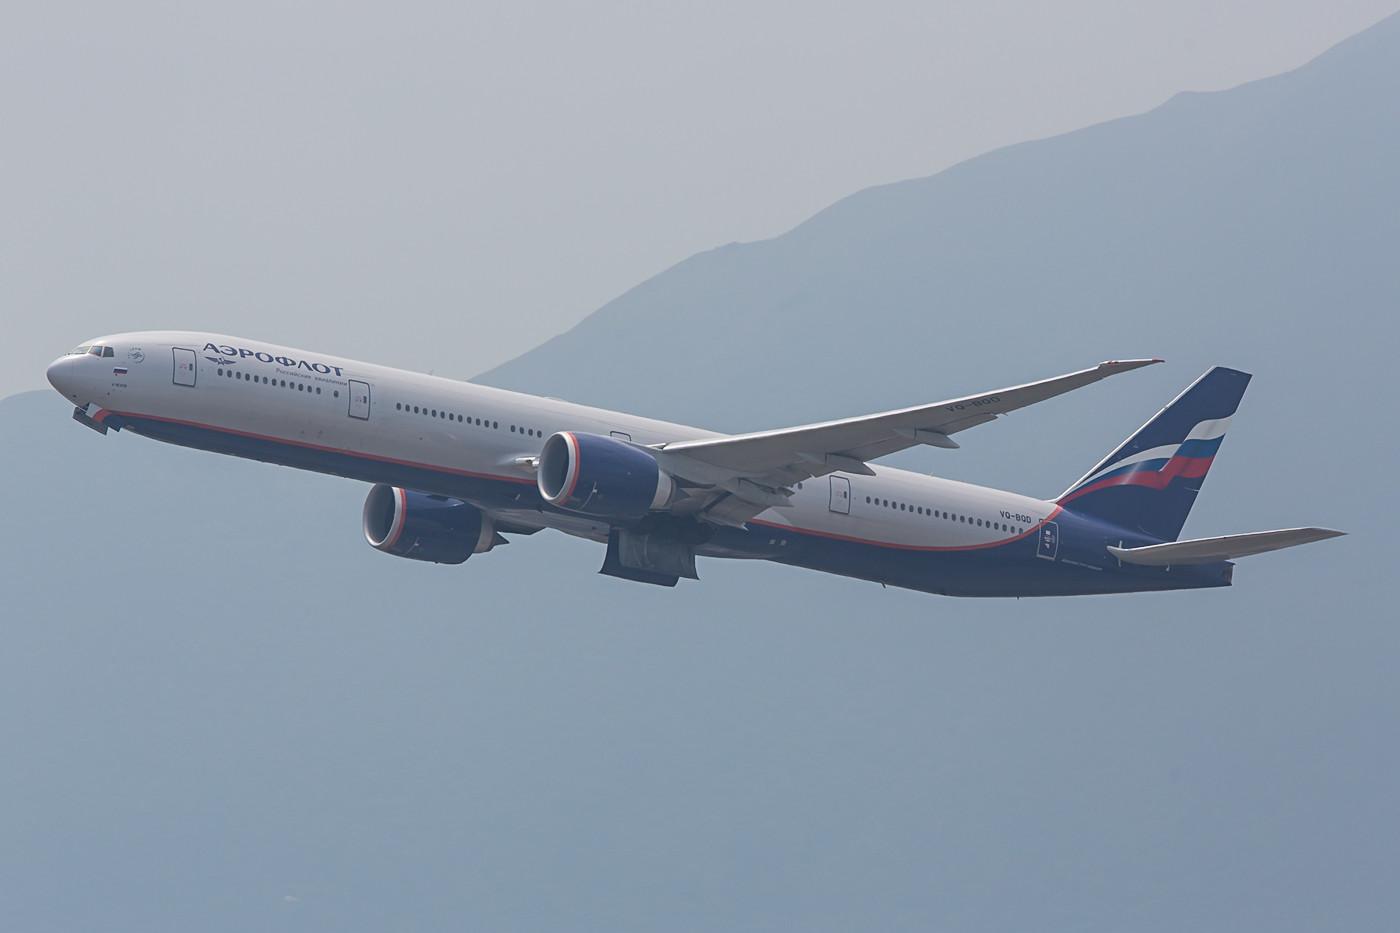 Mal sehen wie lange man sie noch sieht, die Boeing 777-300ER der Aeroflot. Die Sanktionen gegen Russland zwingen auch langsam die größte Airline des Landes in die Kniee und sorgen dafür, dass die Flotte verkleinert werden muss.